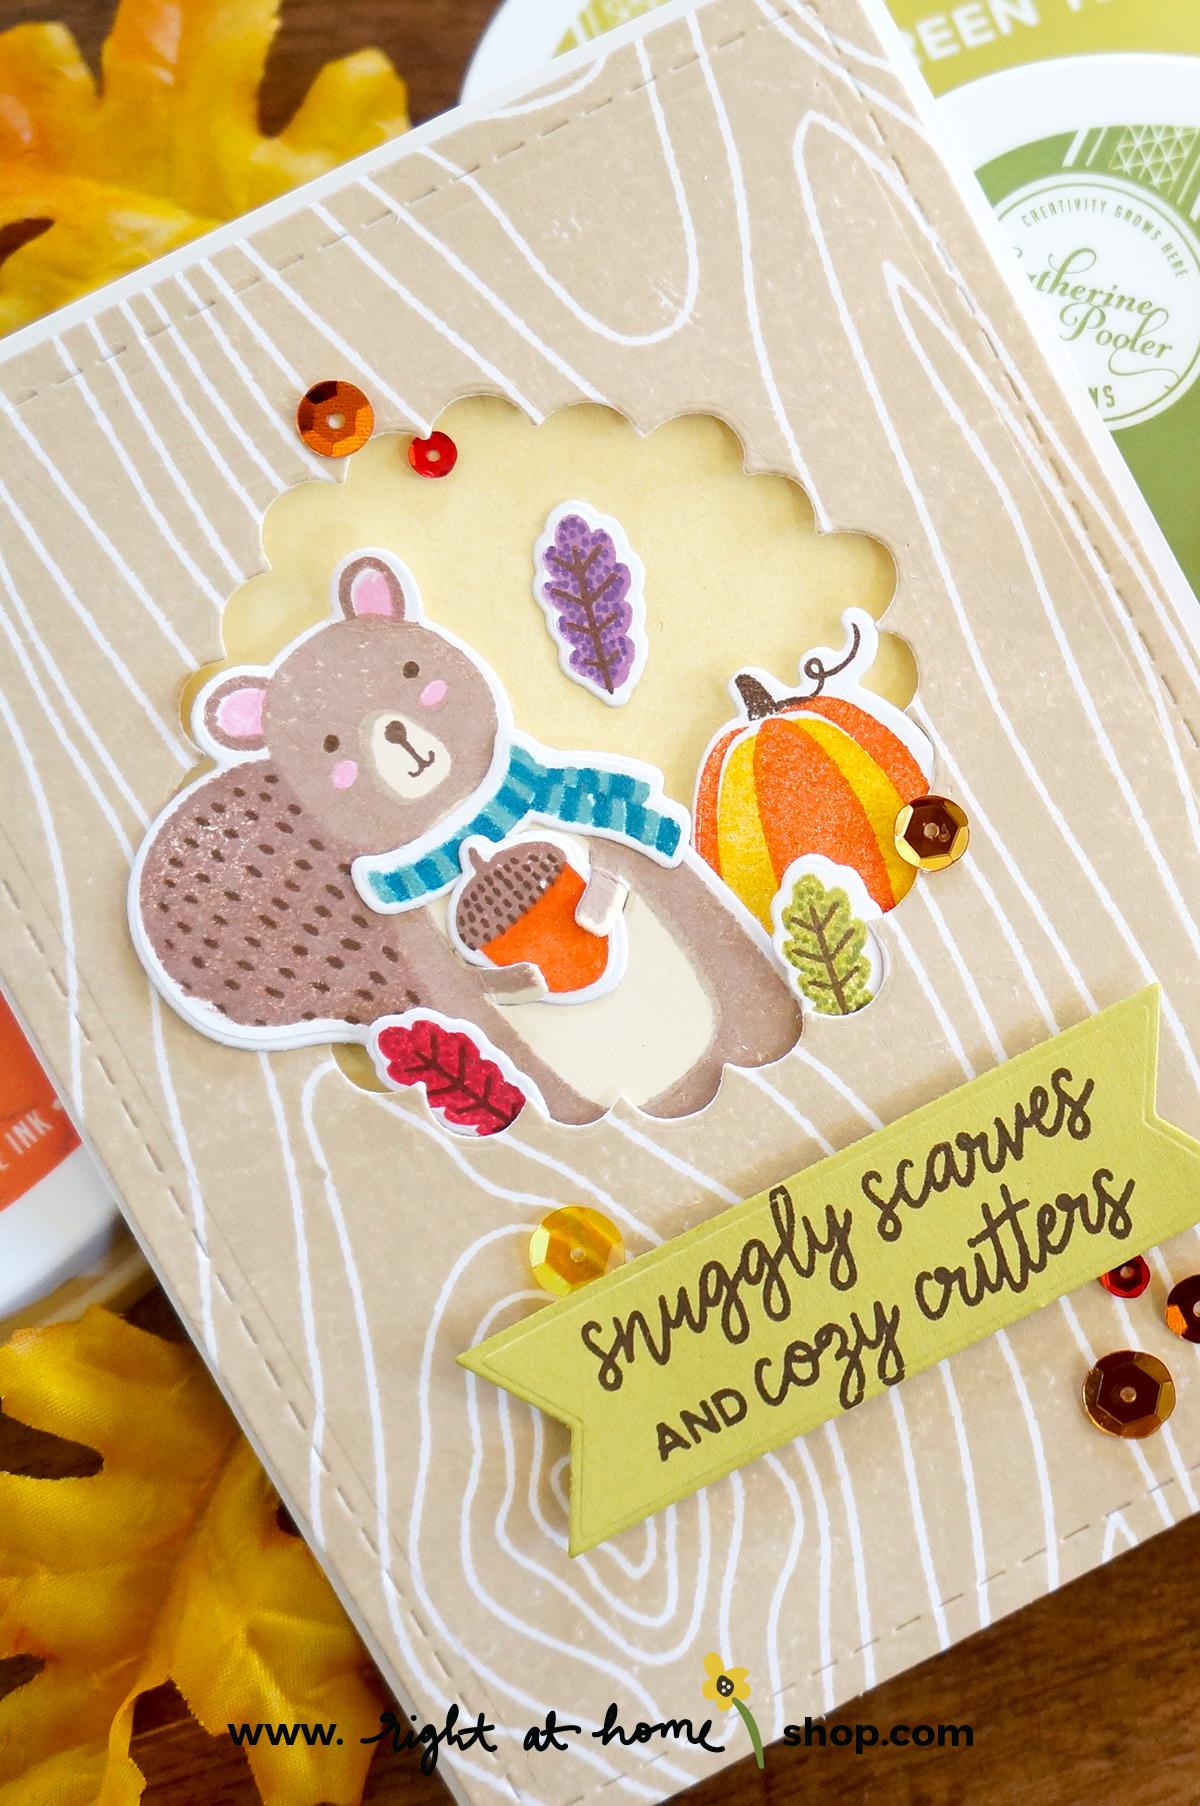 Snuggly Squirrel Tree Trunk Window Card // rightathomeshop.com/blog